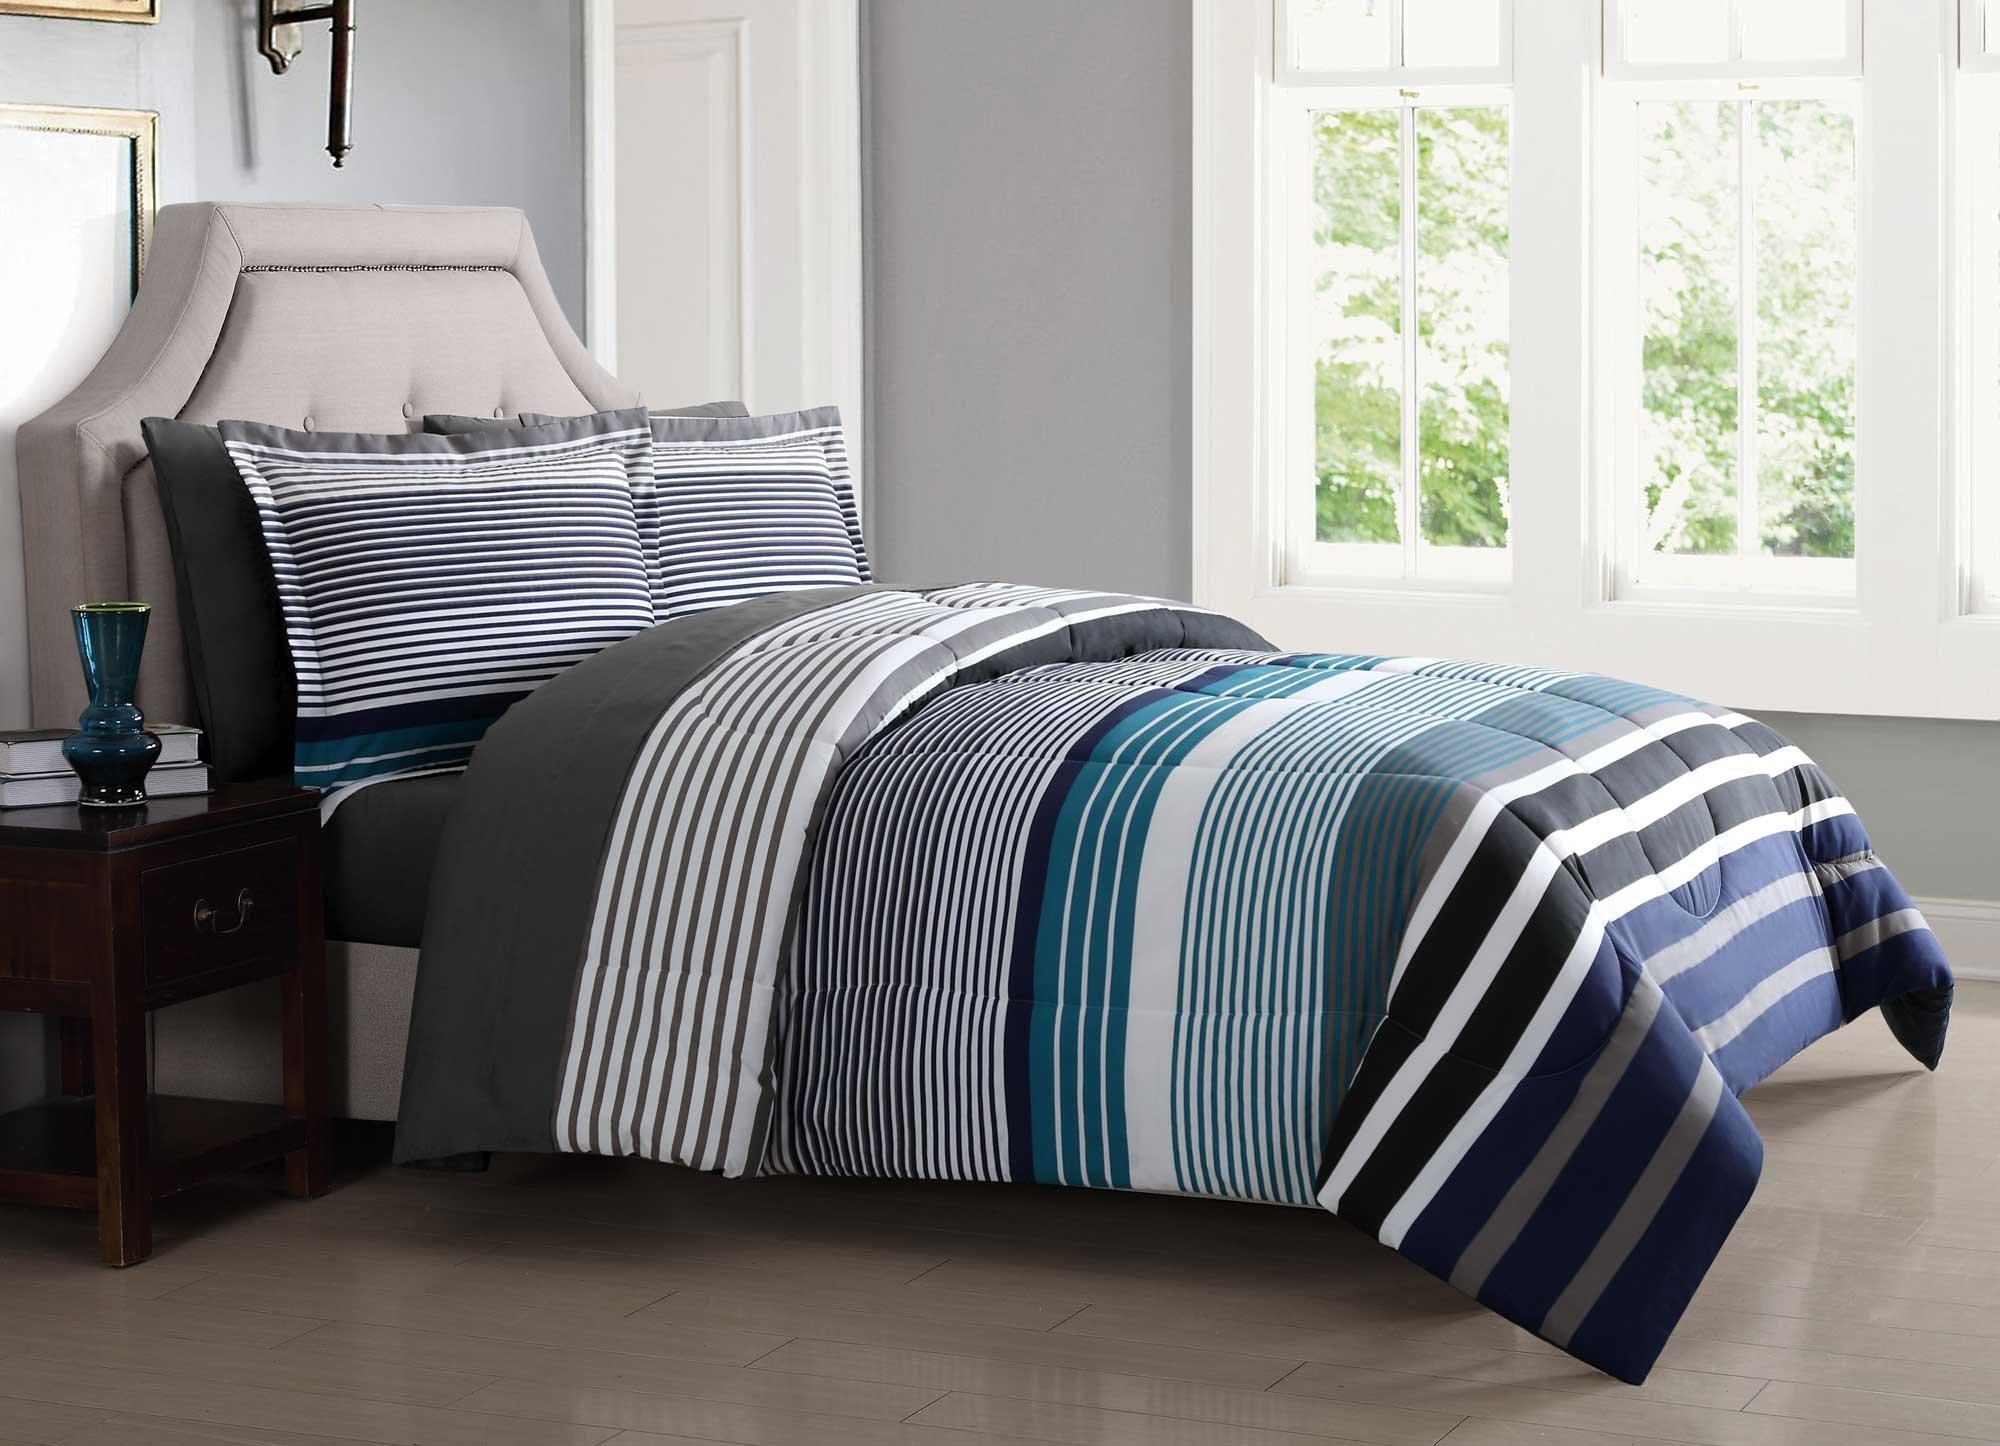 London Fog BIB1585BLX-3200 Complete Bed Ensemble, Twin XL, Blue